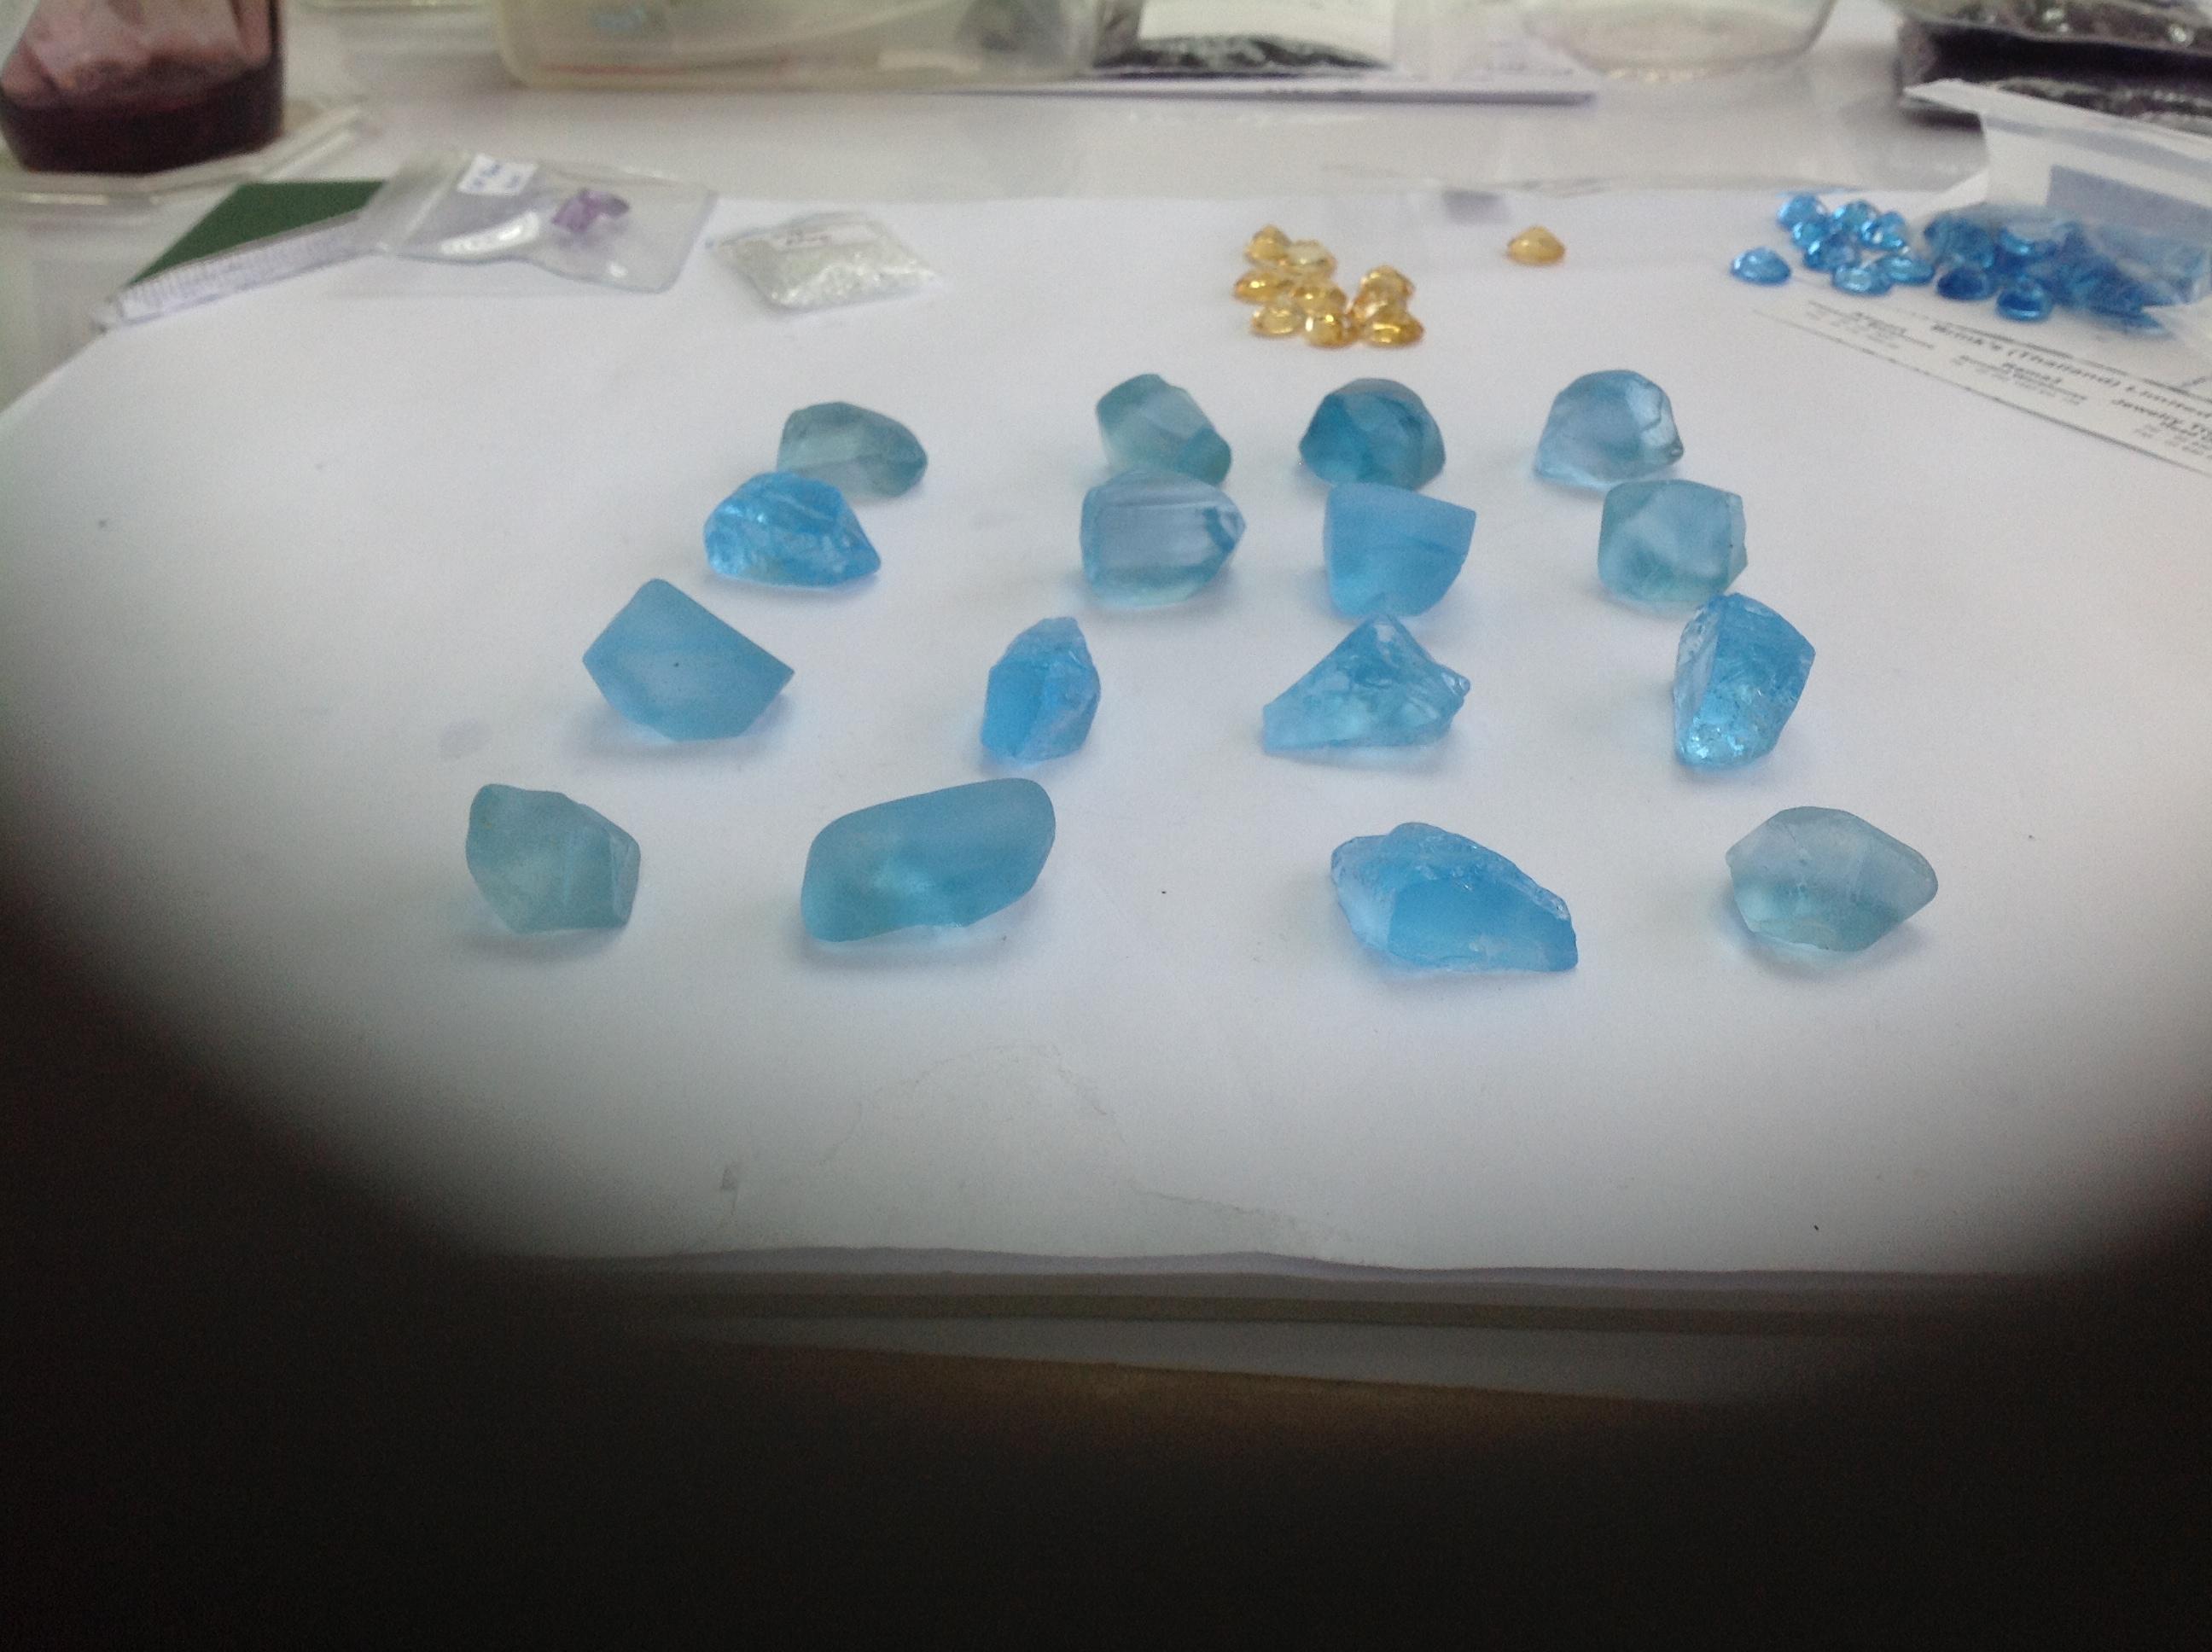 Swiss blue topaz rounds